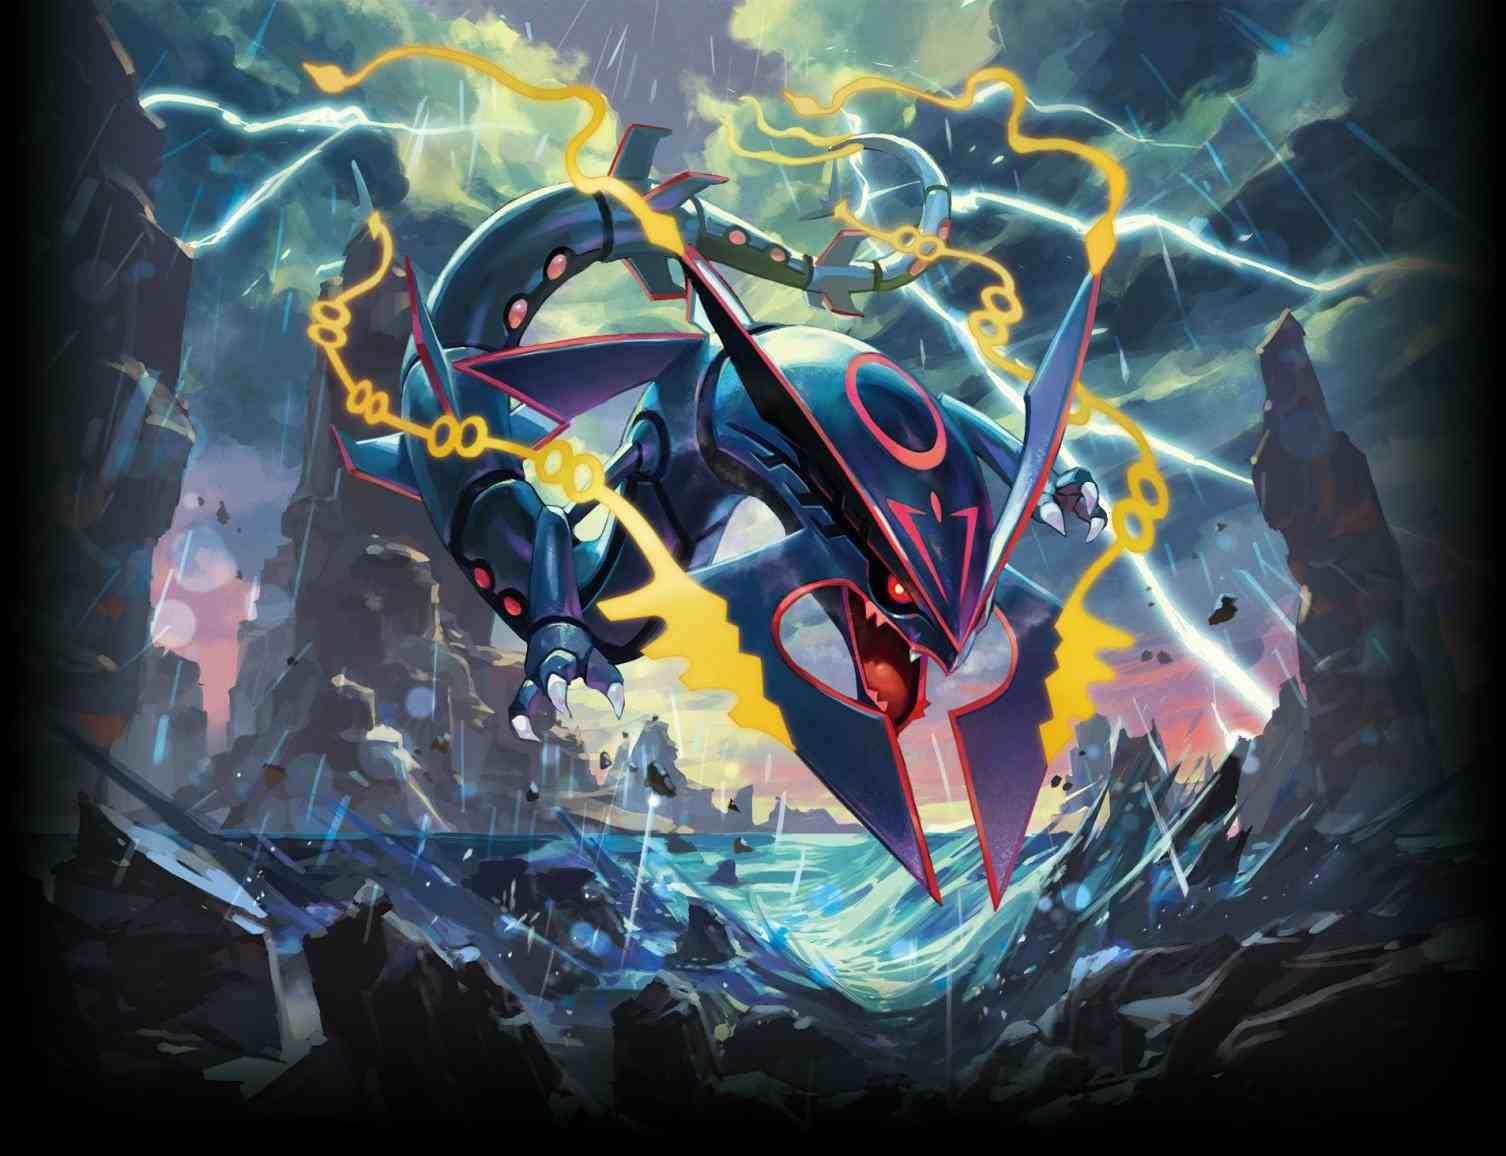 pokemon shiny mega rayquaza wallpaper   Pokemon wallpapers ...